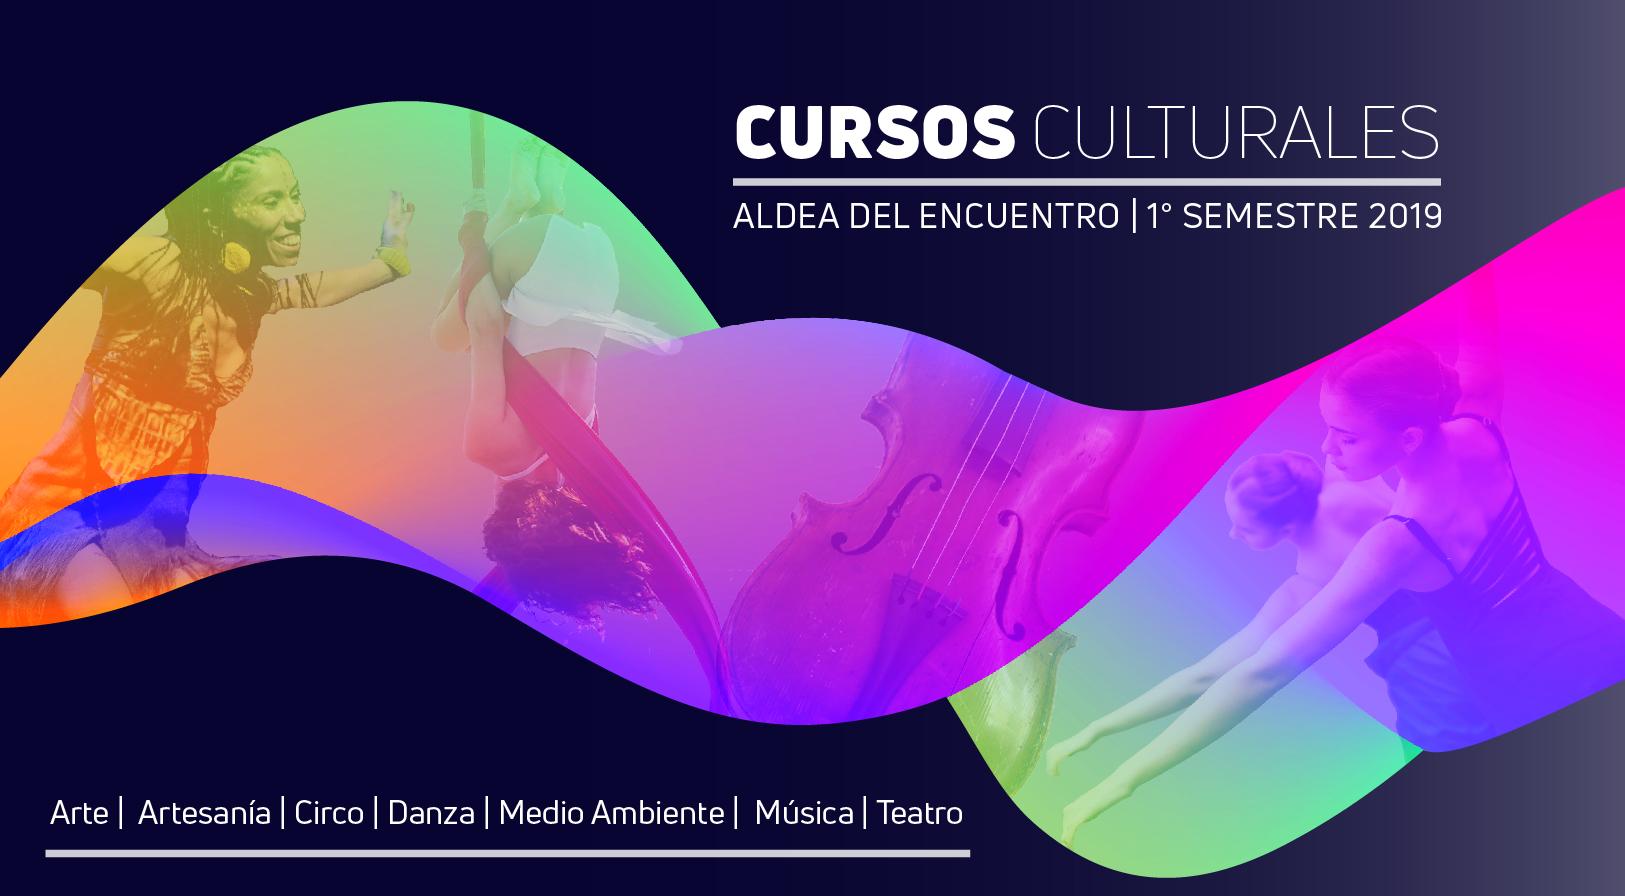 Cursos Culturales 2019